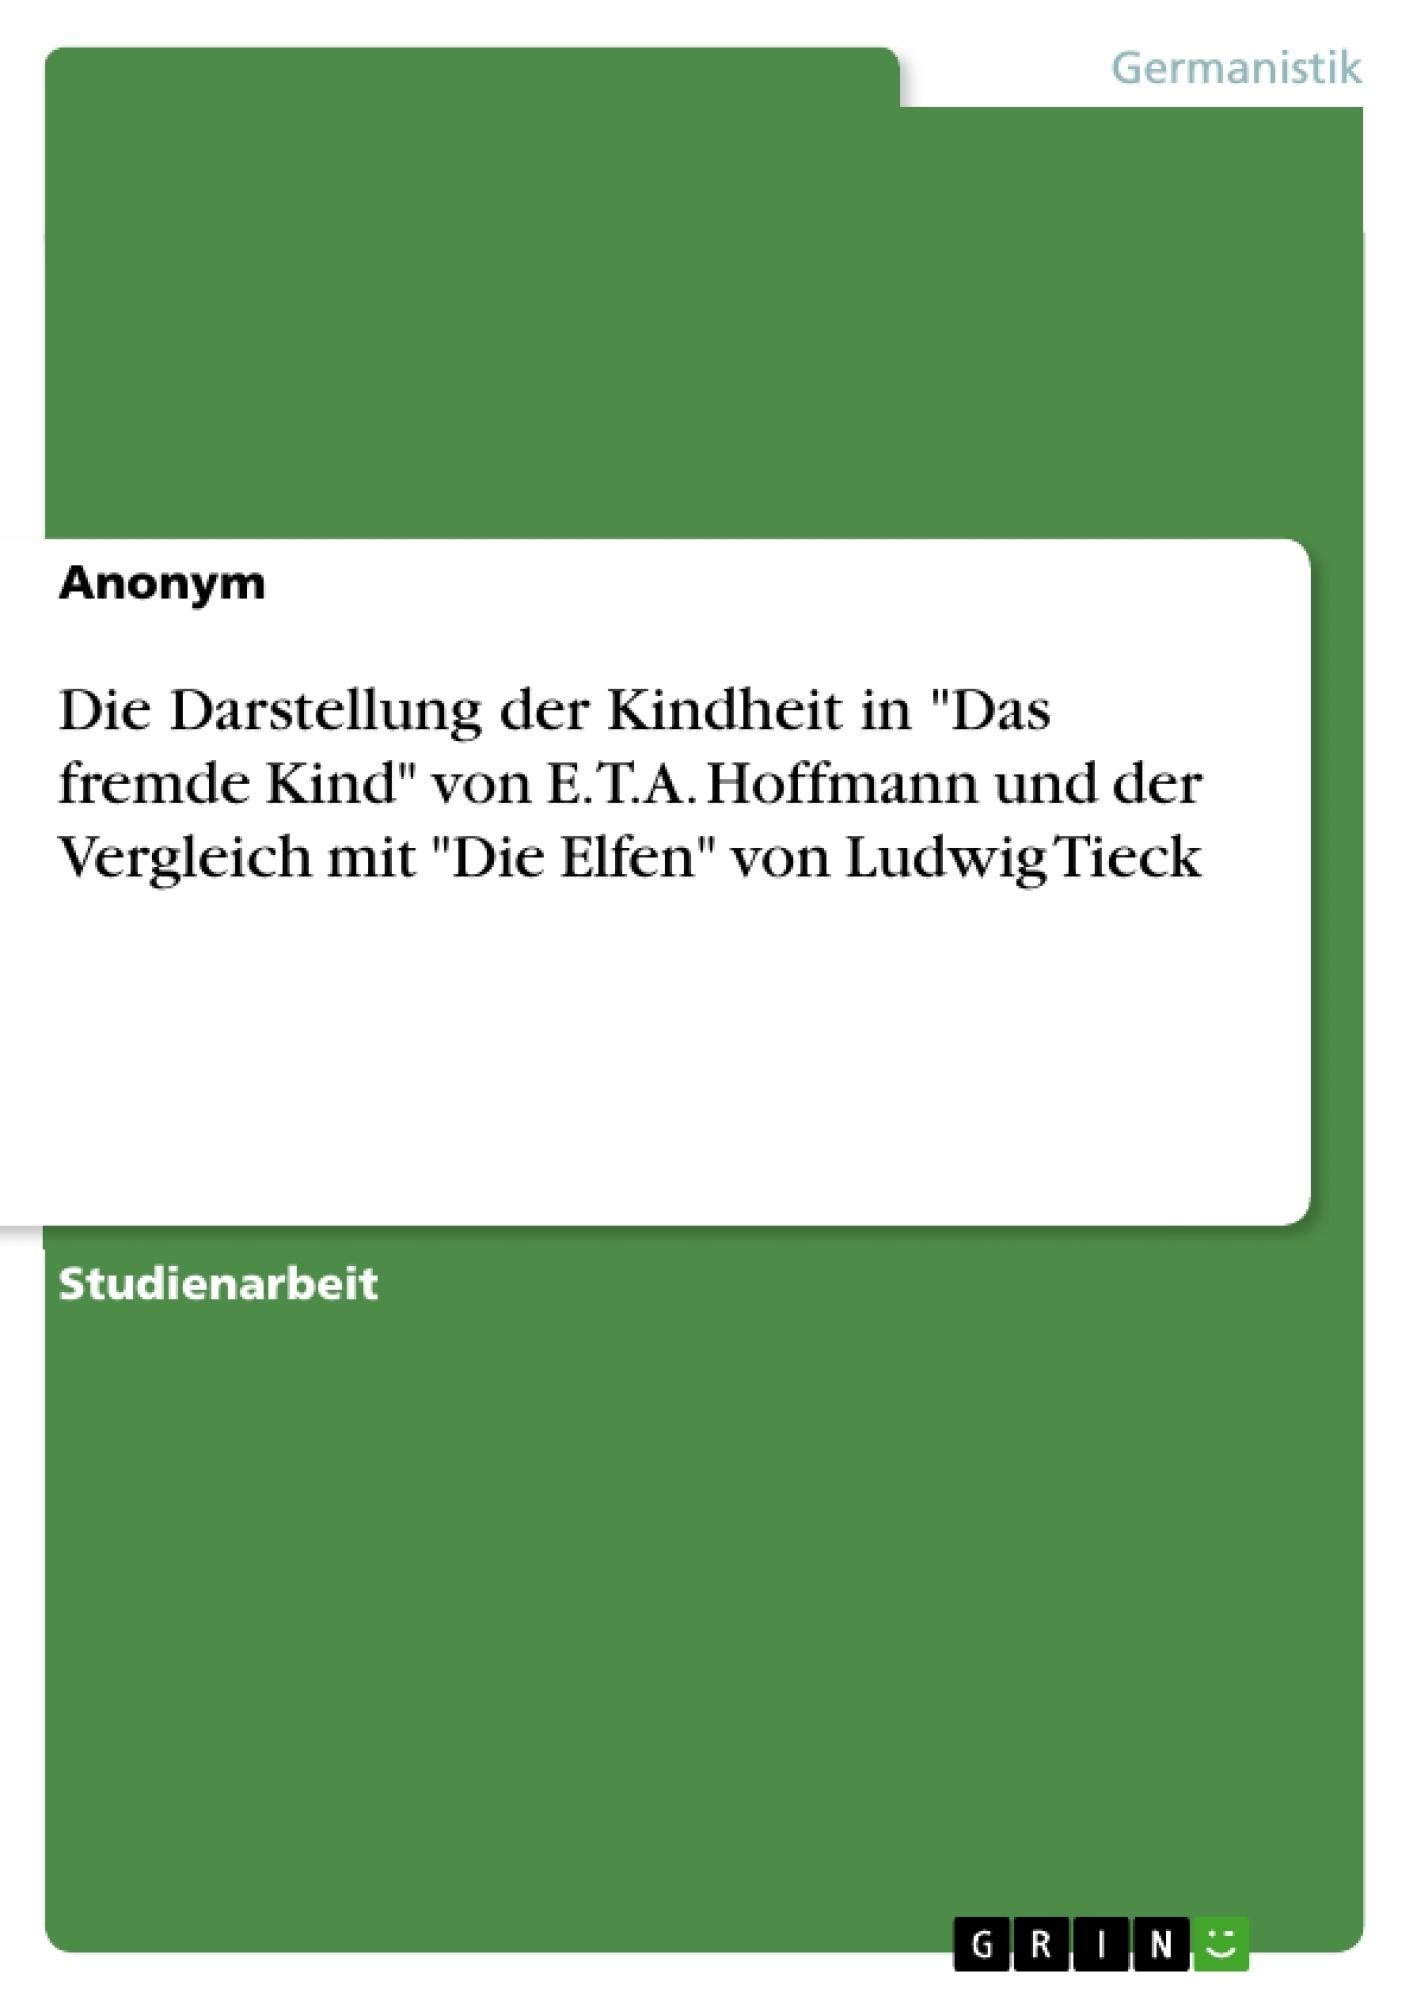 """Titel: Die Darstellung der Kindheit in """"Das fremde Kind"""" von E.T.A. Hoffmann und der Vergleich mit """"Die Elfen"""" von Ludwig Tieck"""